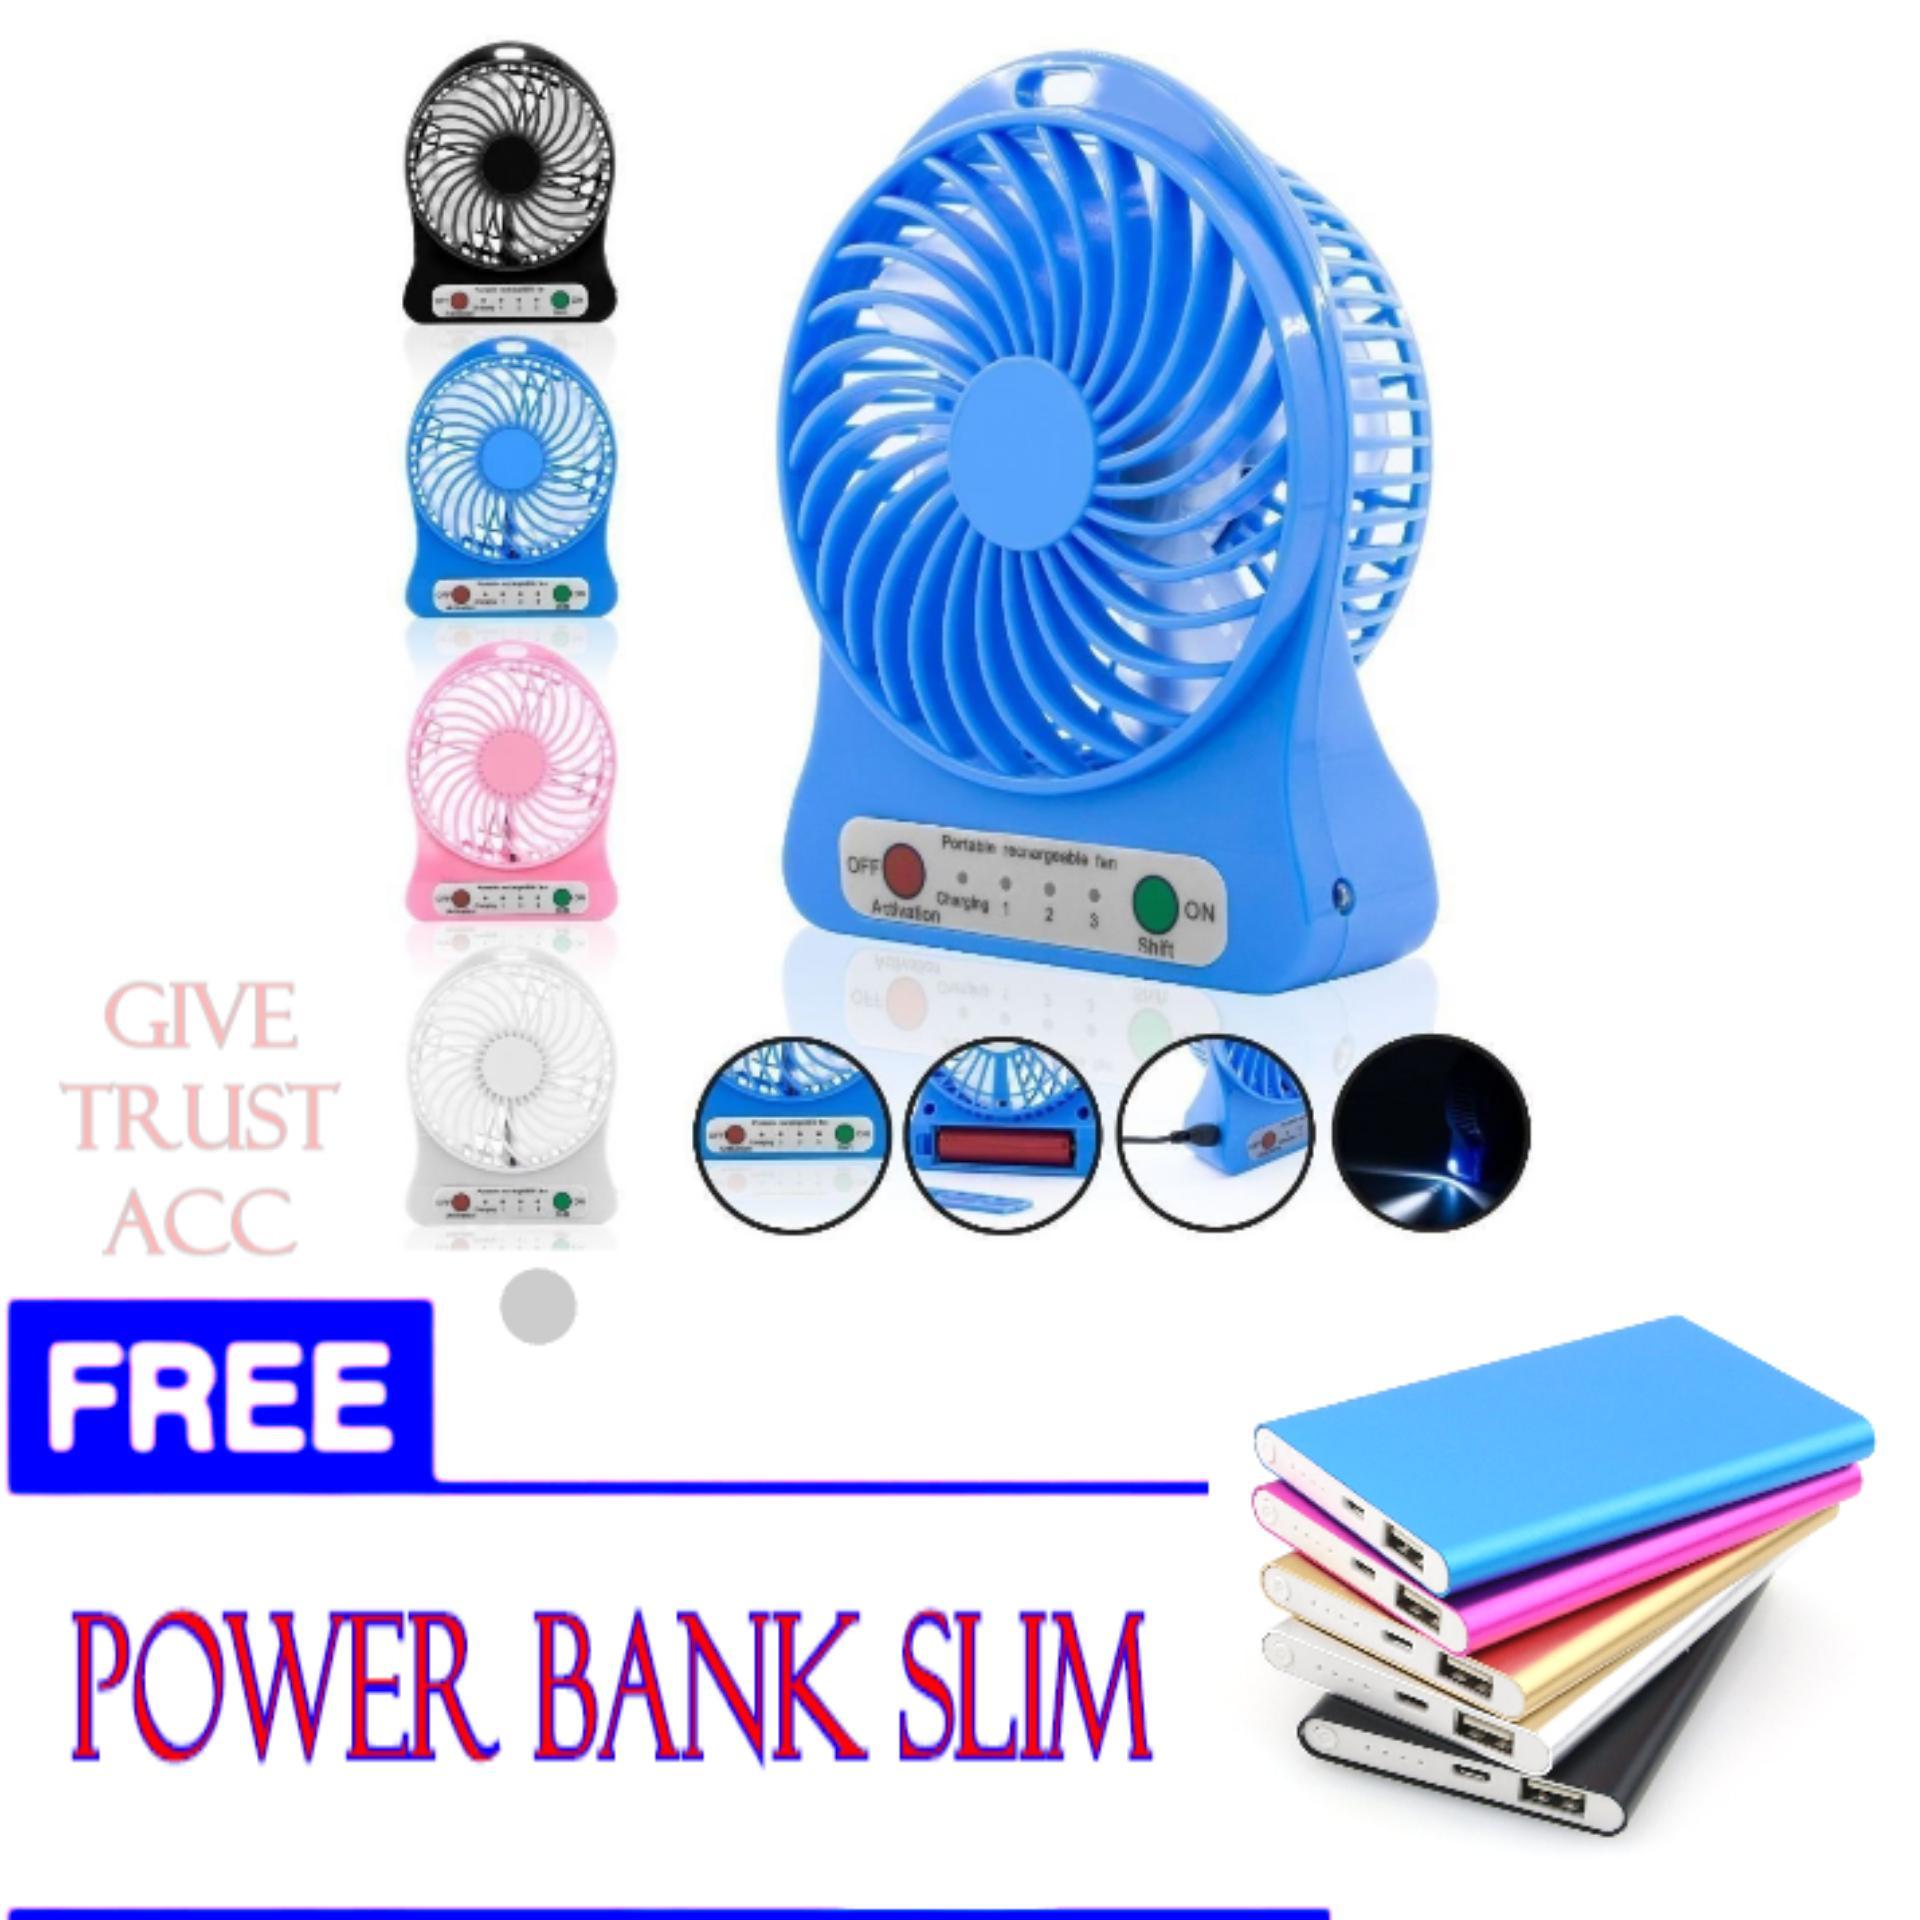 Cek Harga Baru Kipas Angin Tangan Putih Lipat Portable Usb Fan Mini Dengan Baterai Charger Free Power Bank Slim